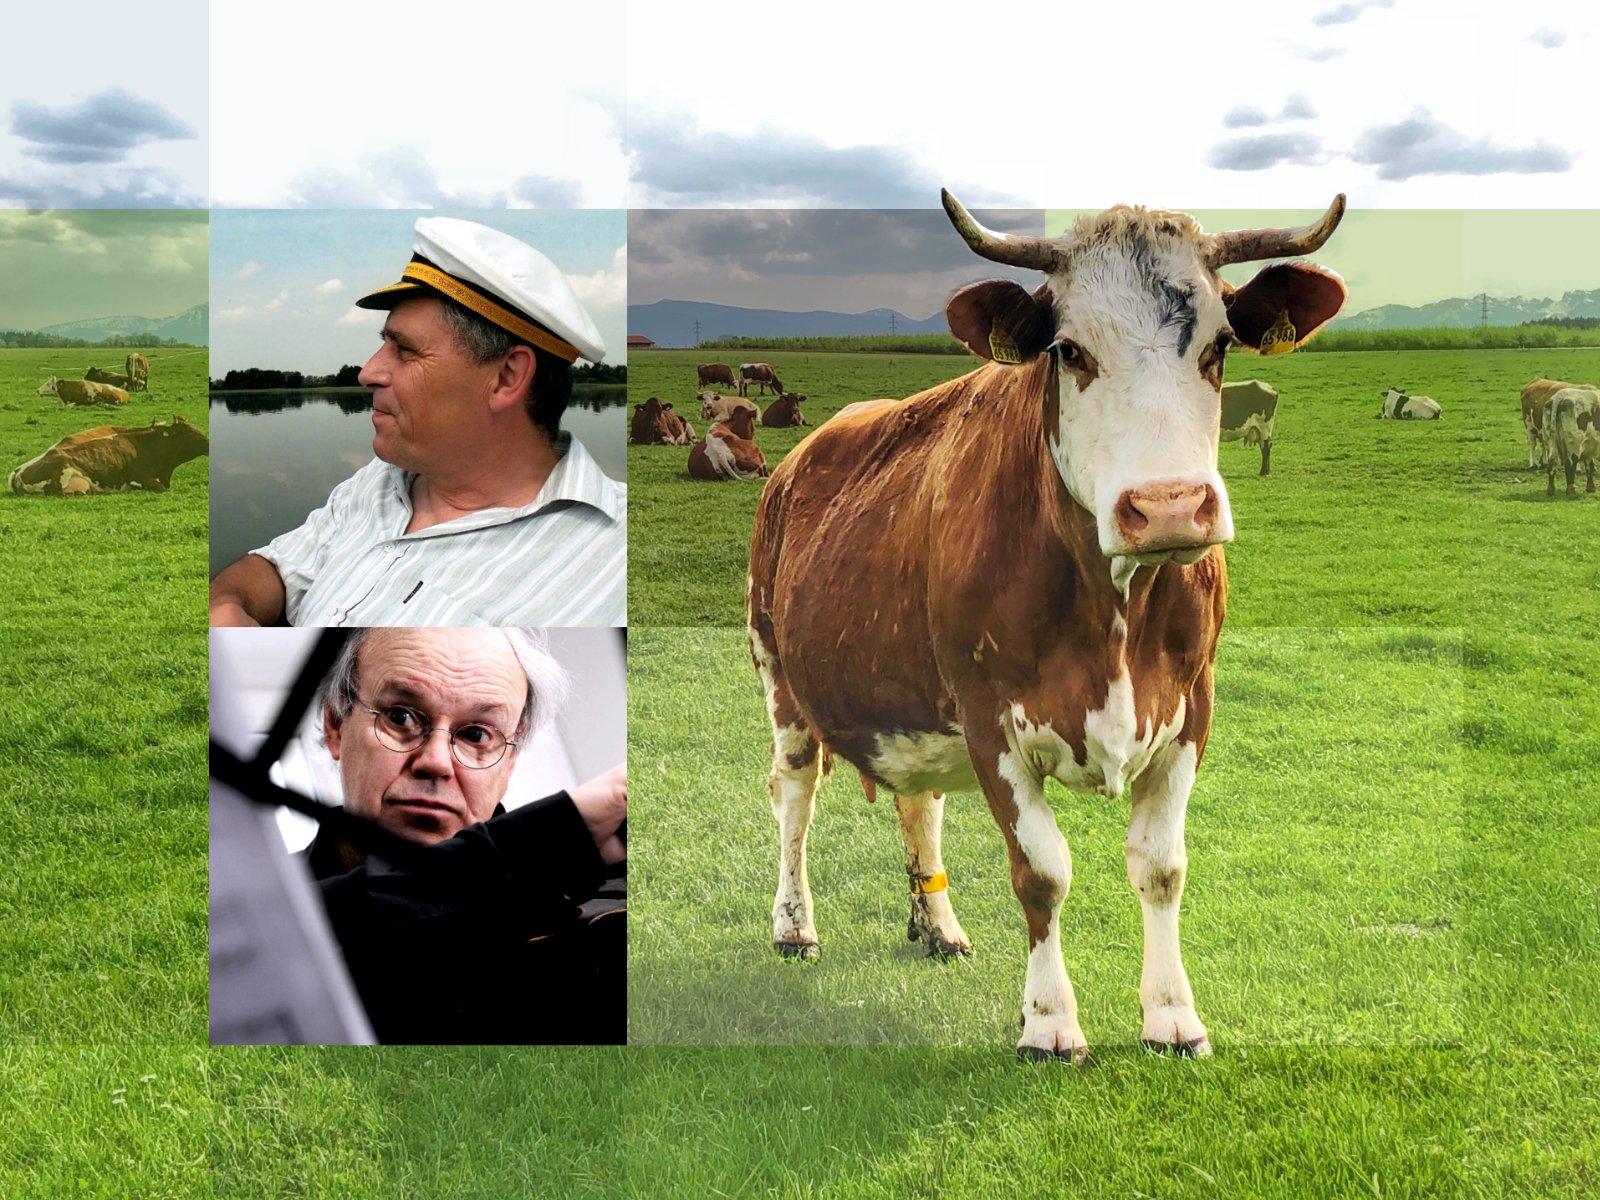 Tanz der Kühe